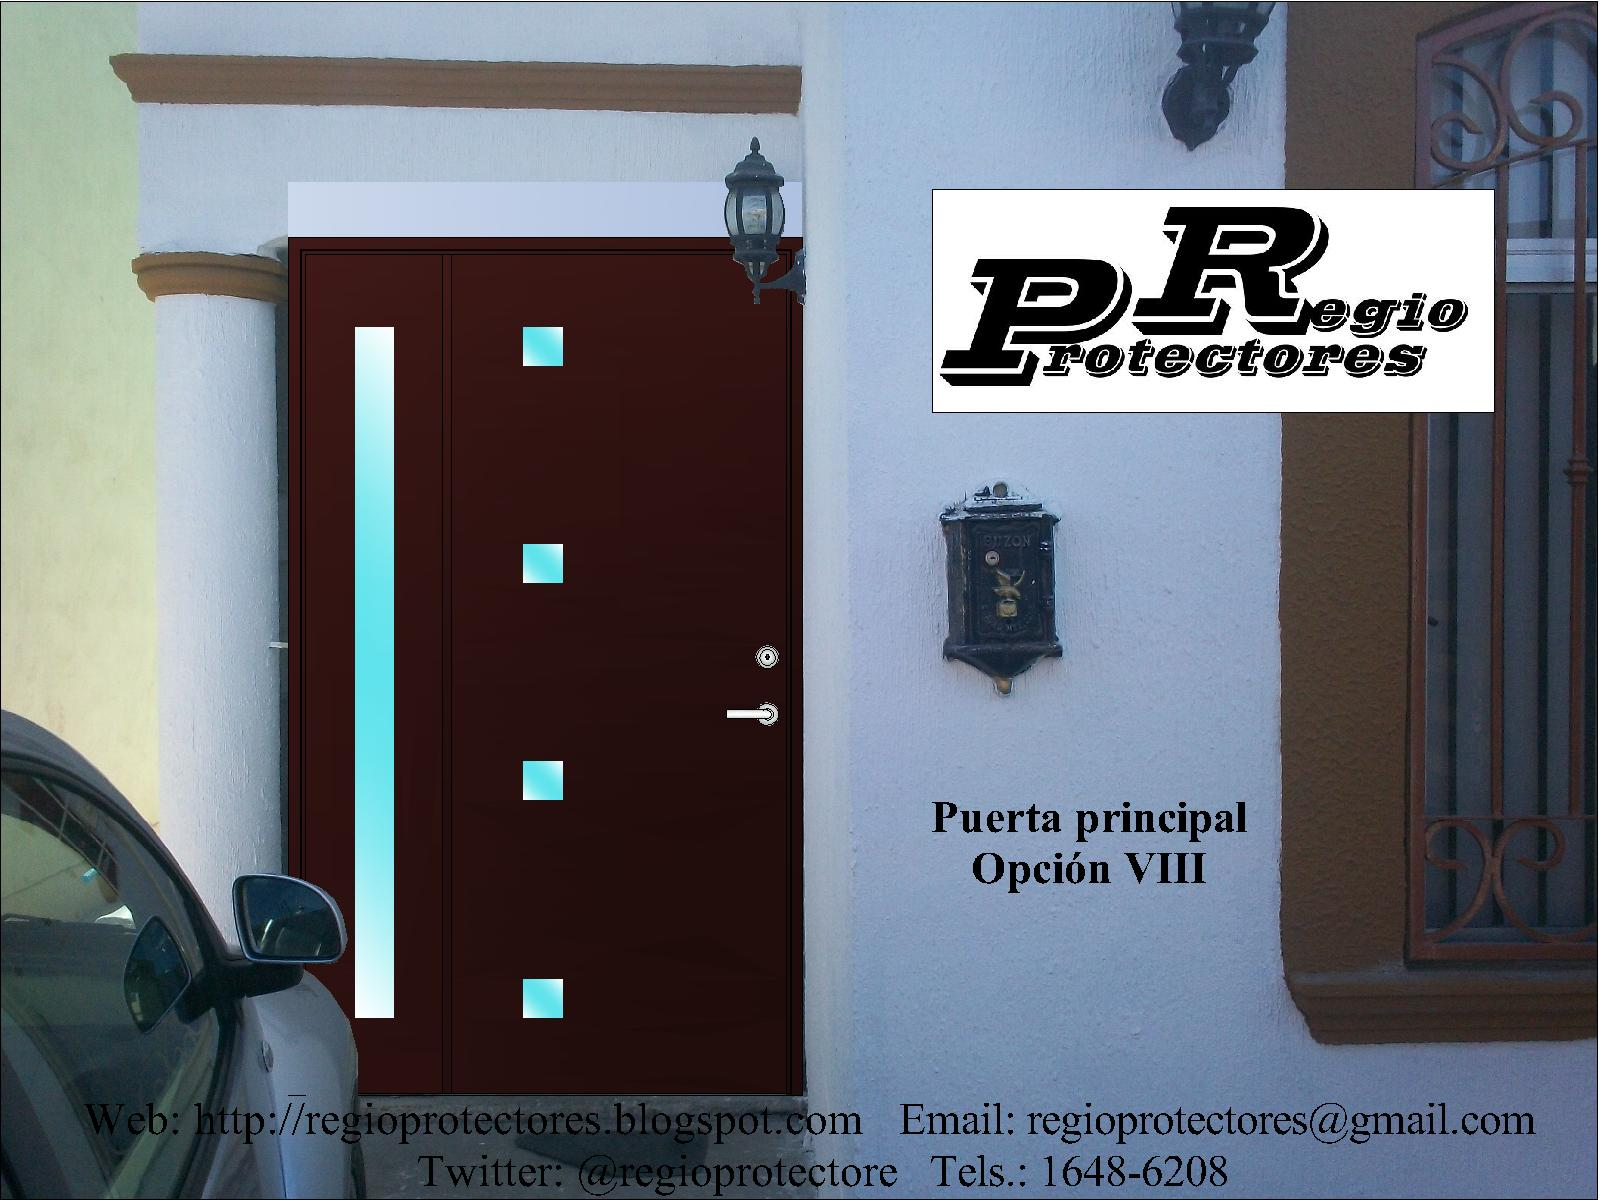 Regio protectores regio protectores dise o de puerta for Diseno puerta principal